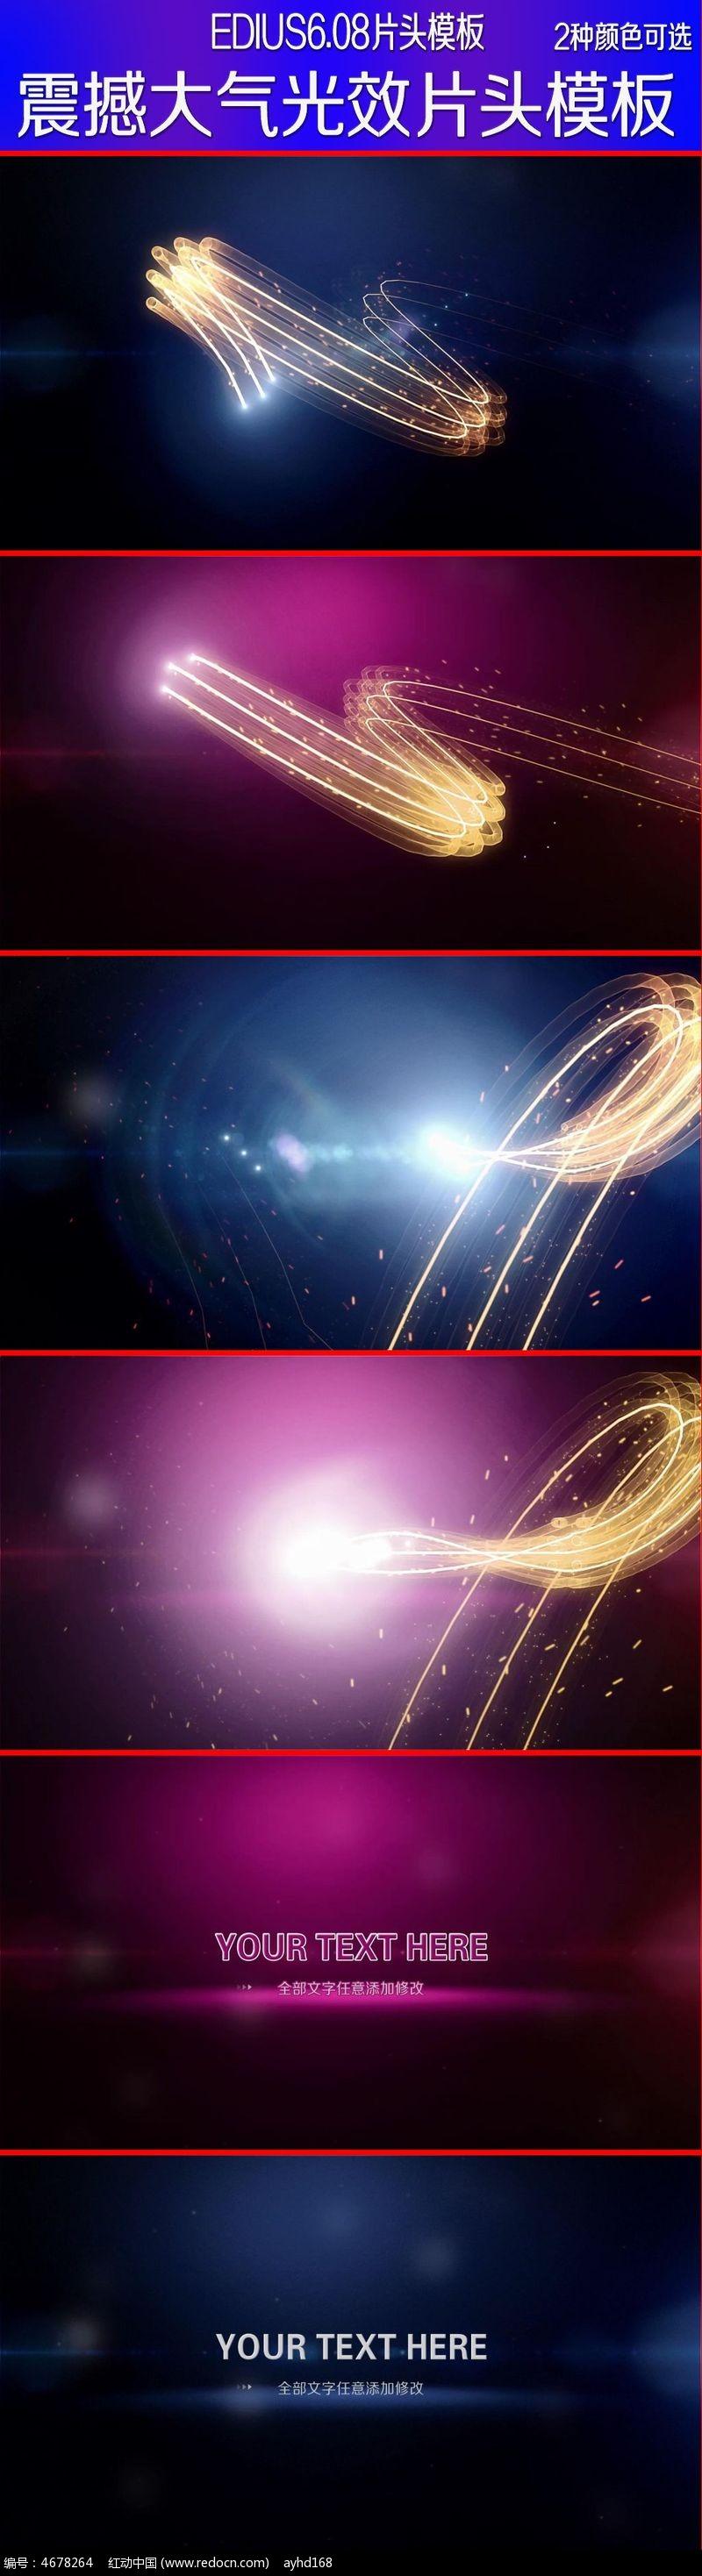 原创设计稿 视频素材/片头片尾/ae模板 片头片尾视频 震撼大气光效